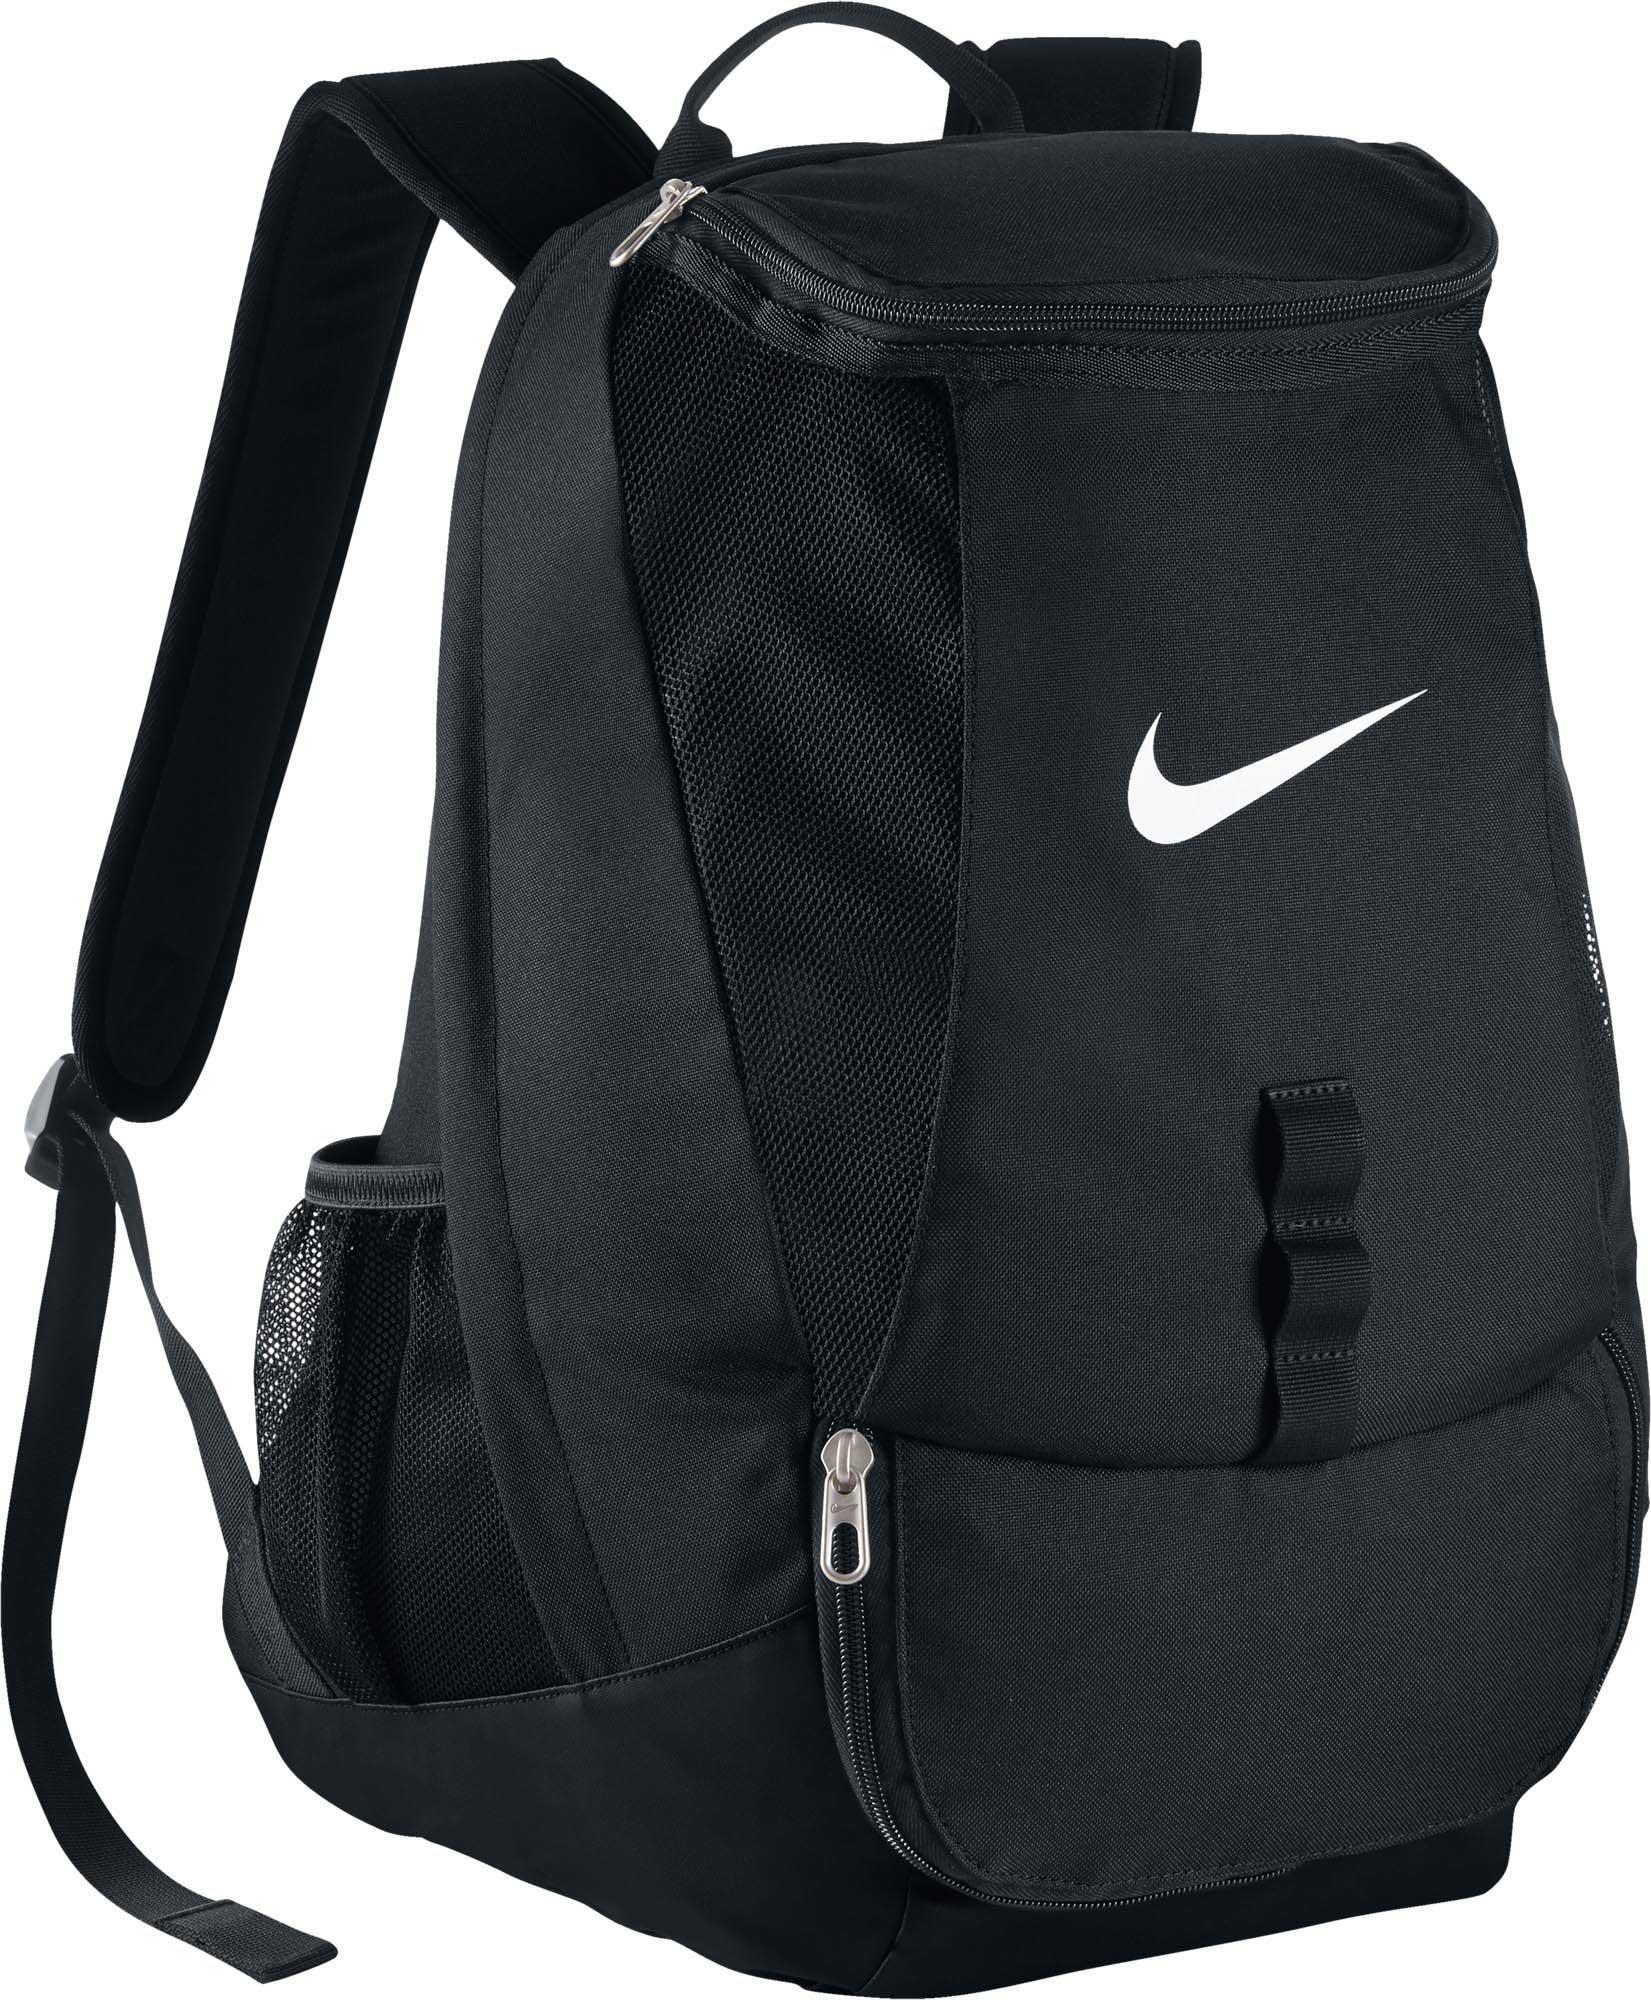 Nike Club Team Backpack - Black Nike Soccer Bag